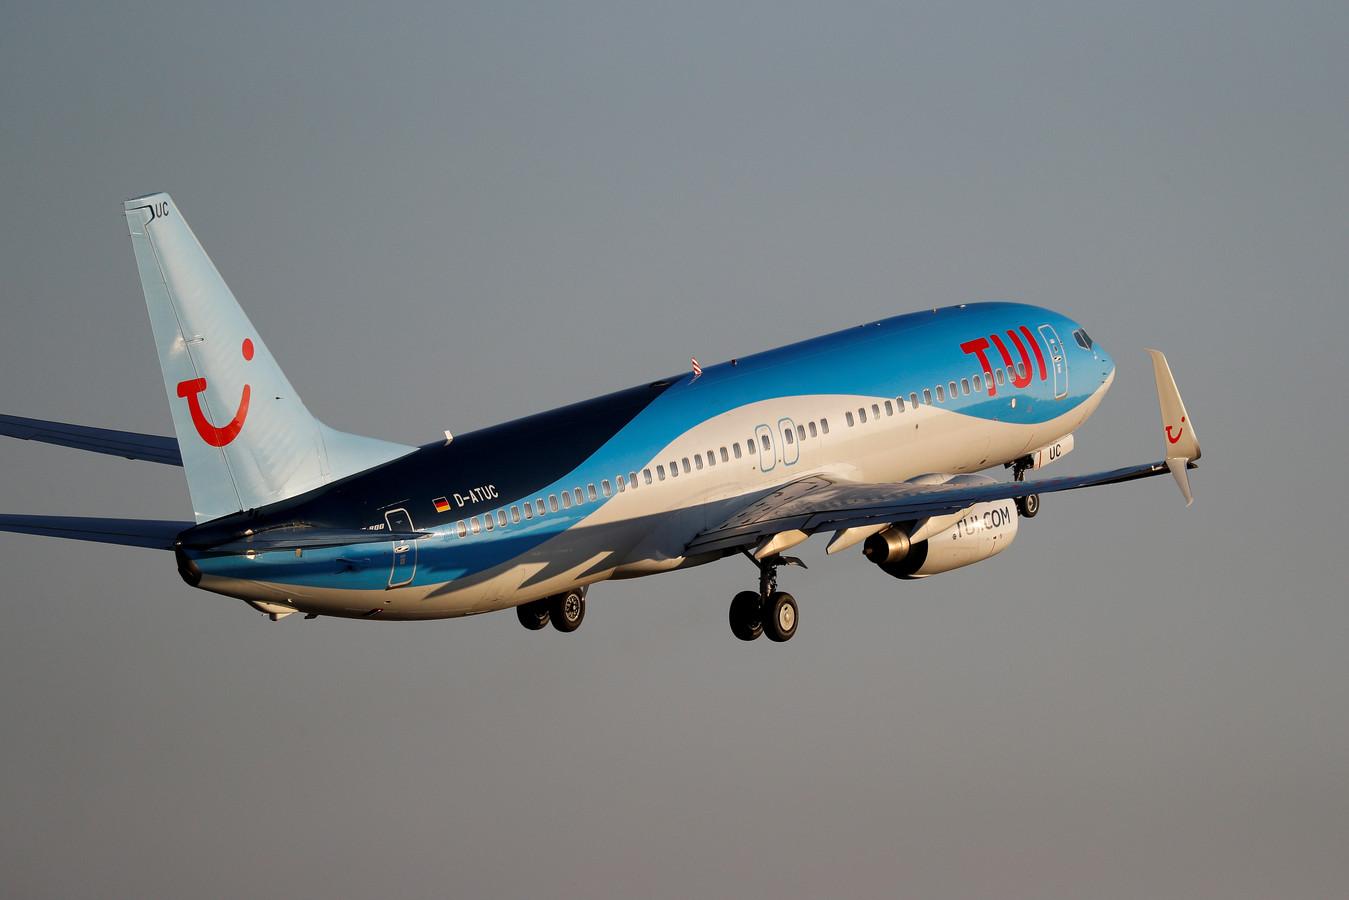 Archiefbeeld van een Boeing van TUI die opstijgt vanop de luchthaven van Palma de Mallorca